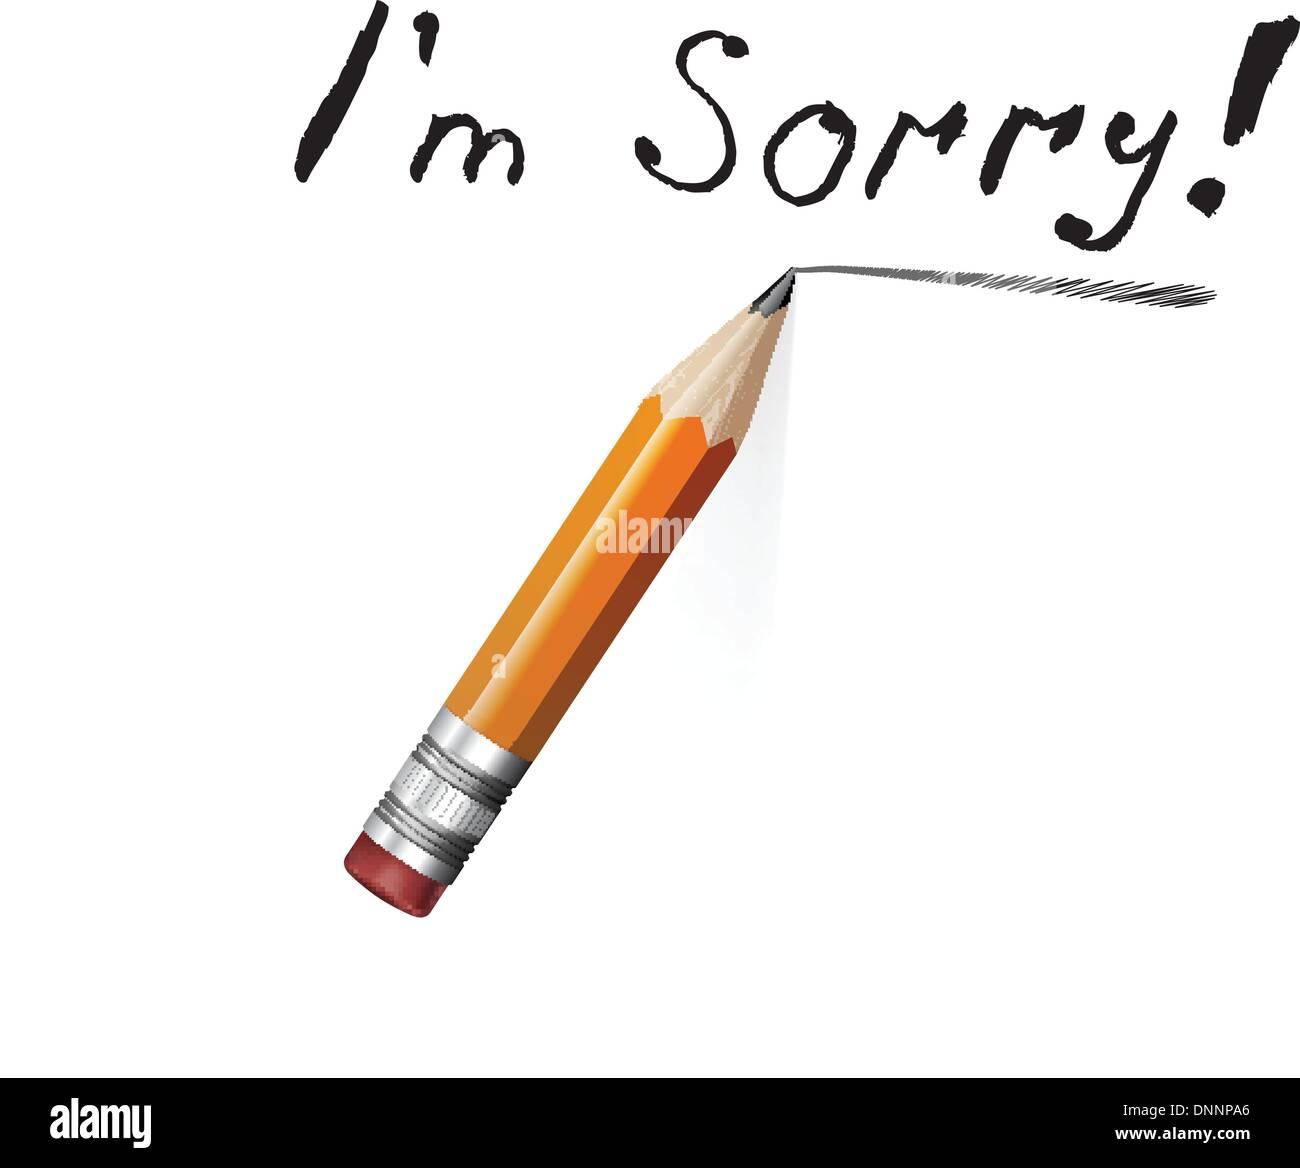 Decir lo siento con un mensaje de texto en papel y lápiz. Ilustración vectorial Imagen De Stock